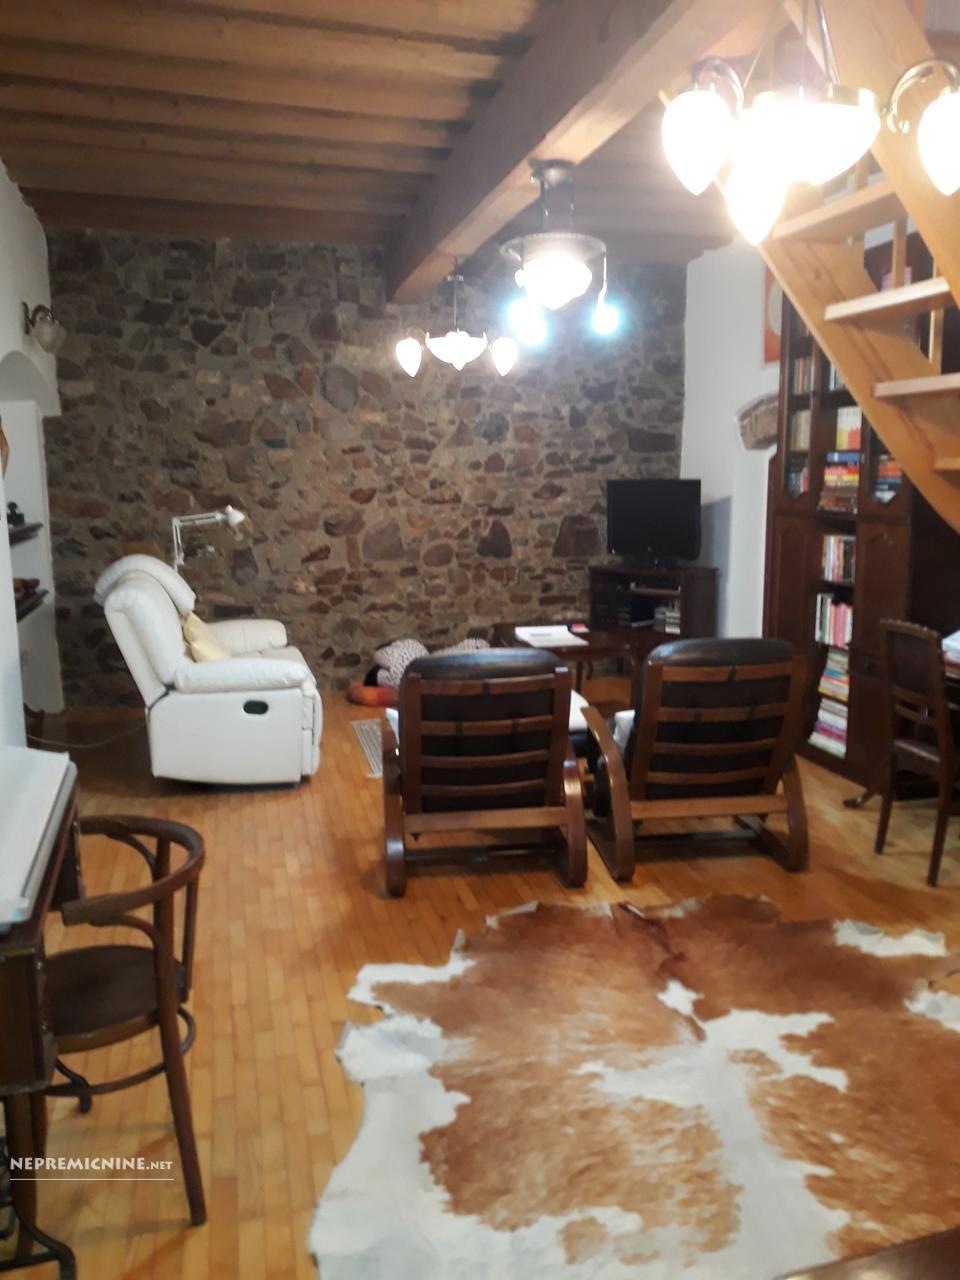 Prodaja, stanovanje - LJ. CENTER, MESTNI TRG 2